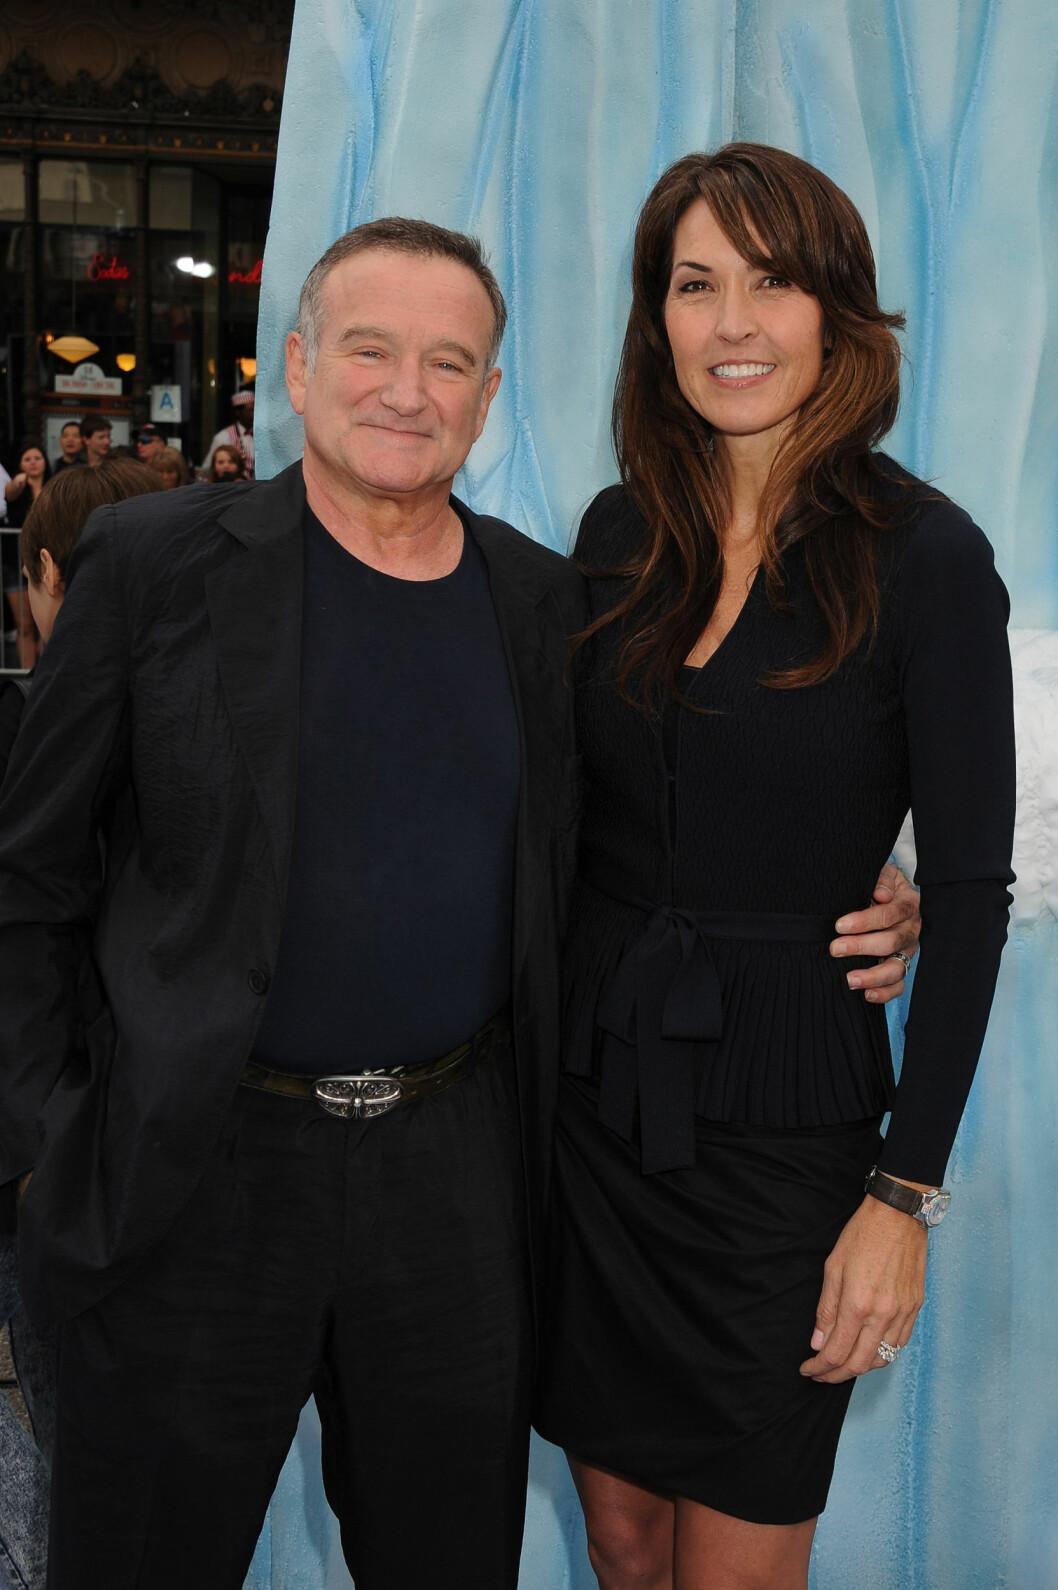 STØTTE: De tre siste årene han levde var Robin Williams gift med Susan Schneider. Her er paret avbildet sammen på «Happy Feet 2»-premieren høsten 2011, da de var nygifte. Foto: Stella Pictures